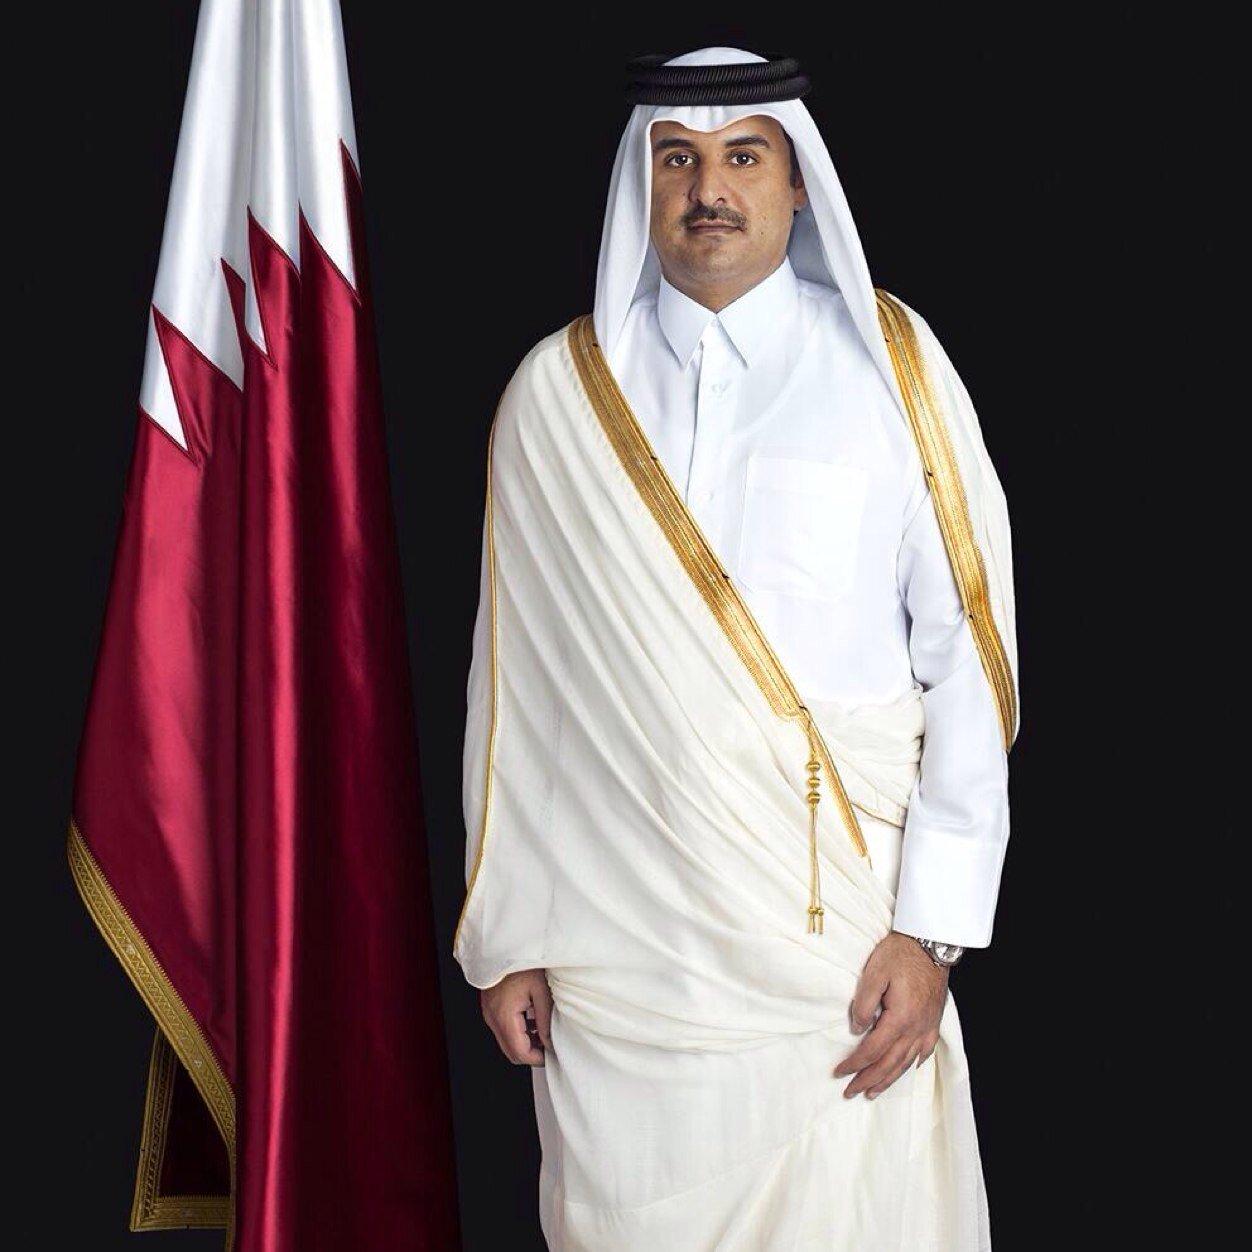 تميم بن حمد يتقبل أوراق اعتماد نجيب البلوشي سفيرًا للسلطنة في دولة قطر